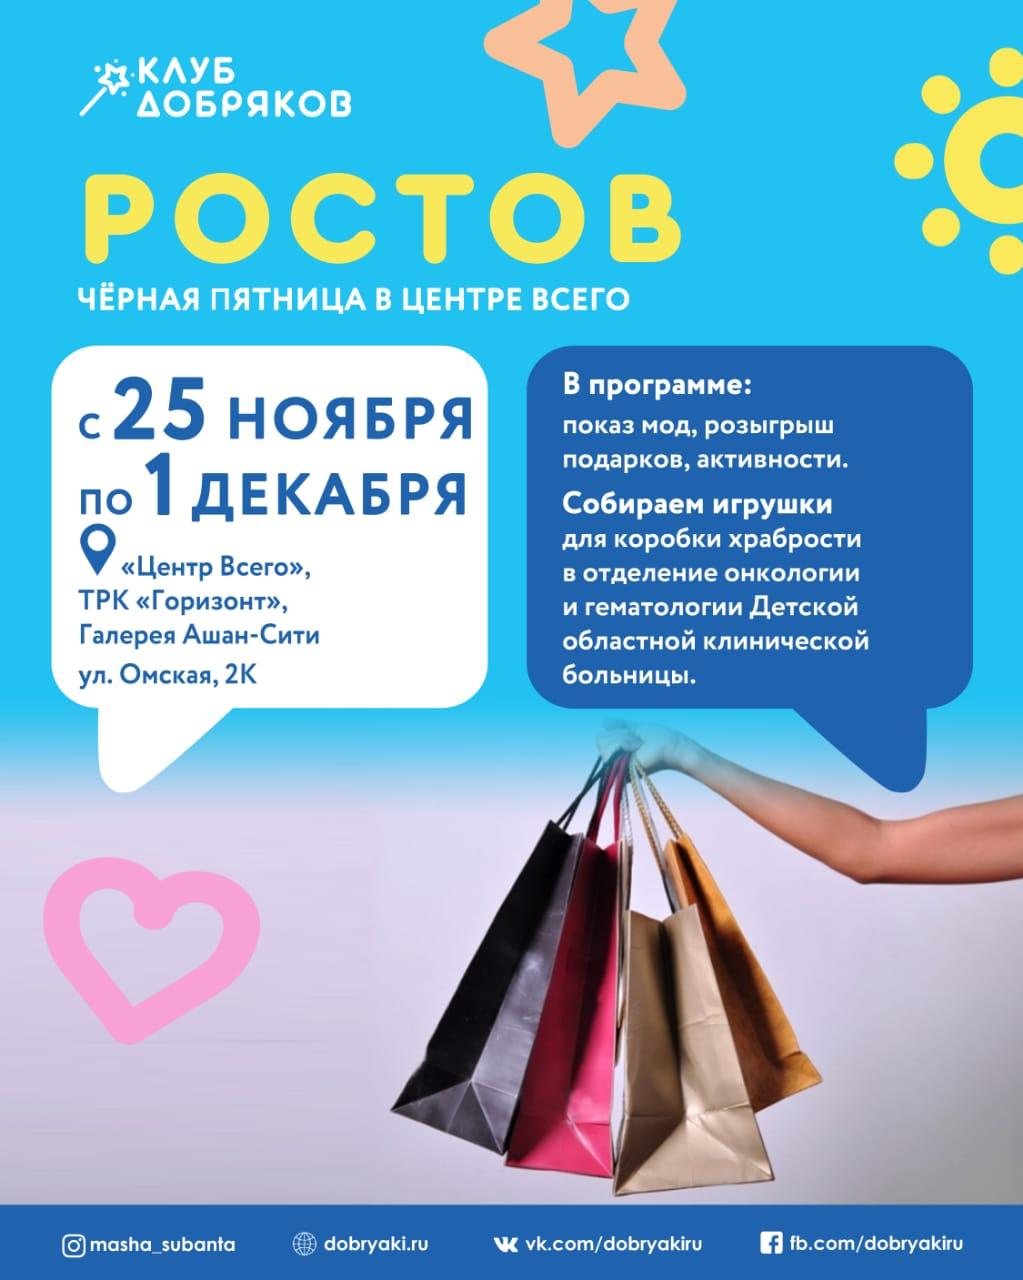 В черную пятницу в Ростове соберут игрушки для коробки храбрости